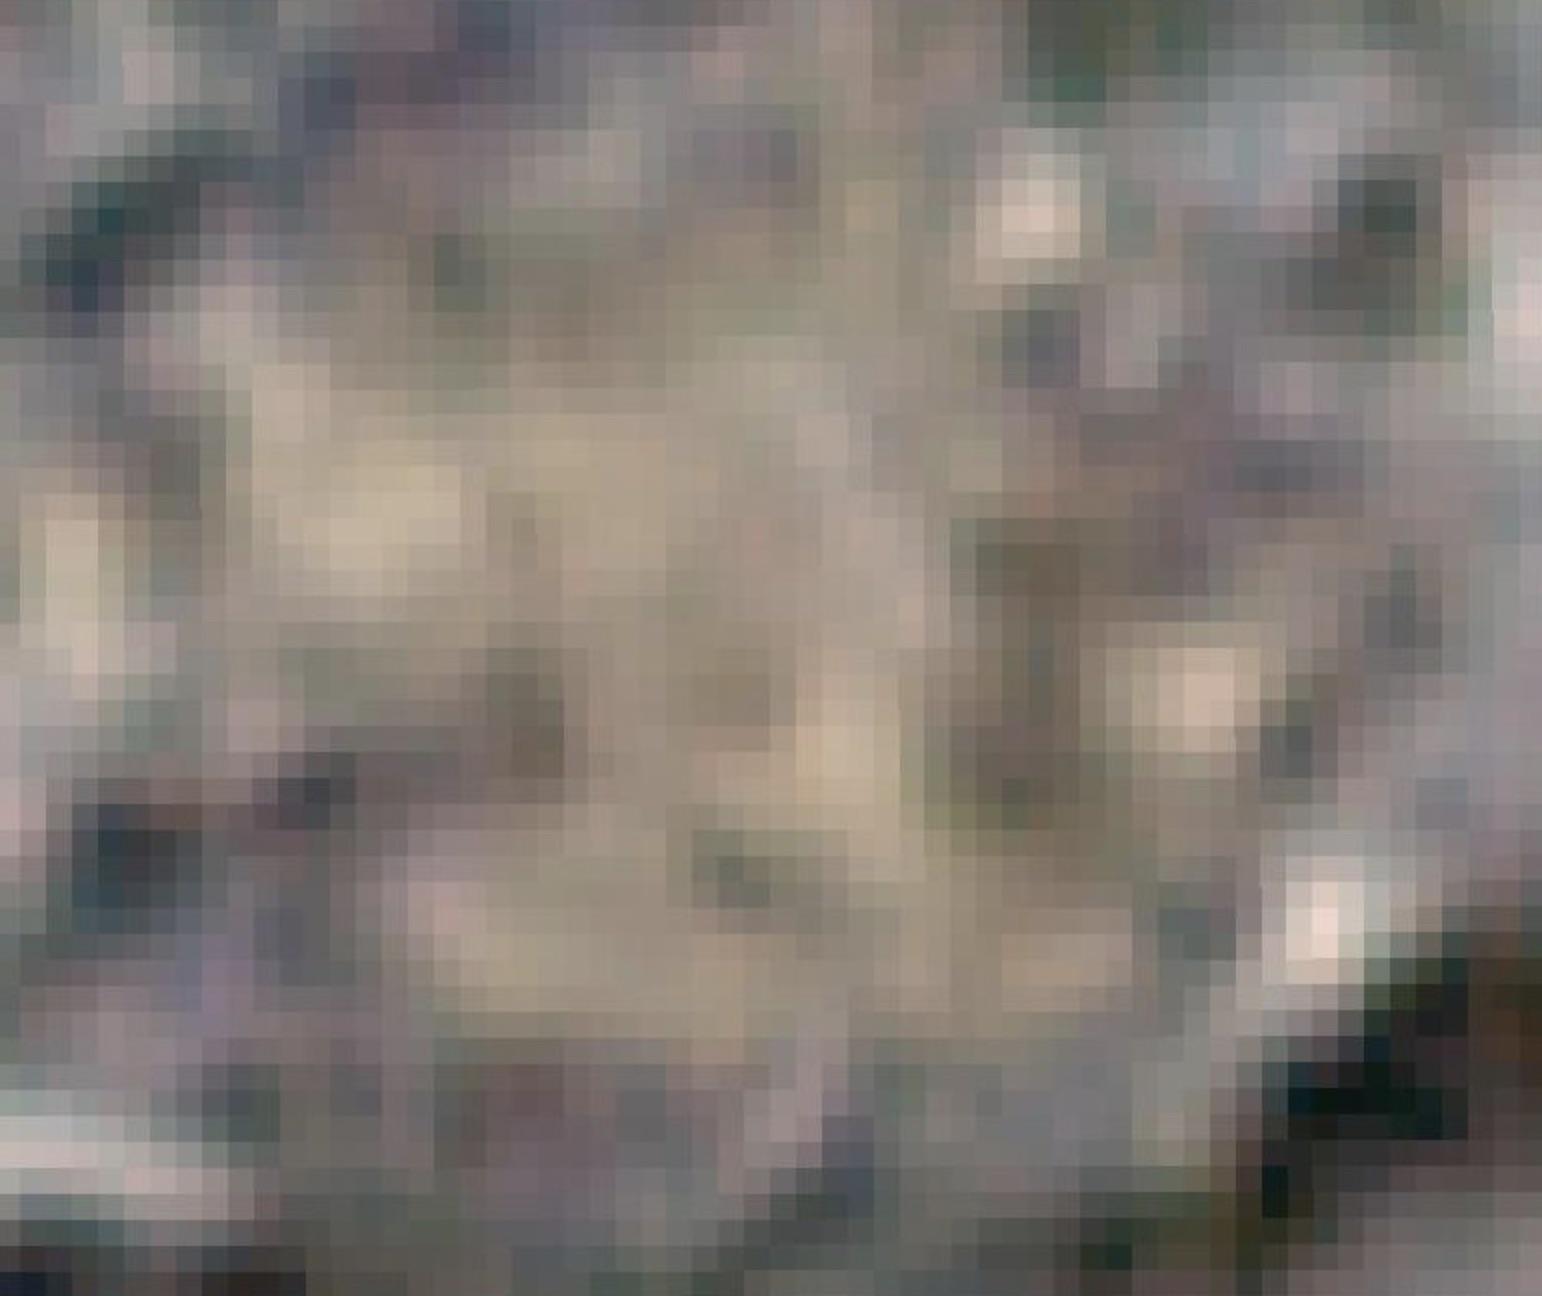 Compare_Planet2.jpg